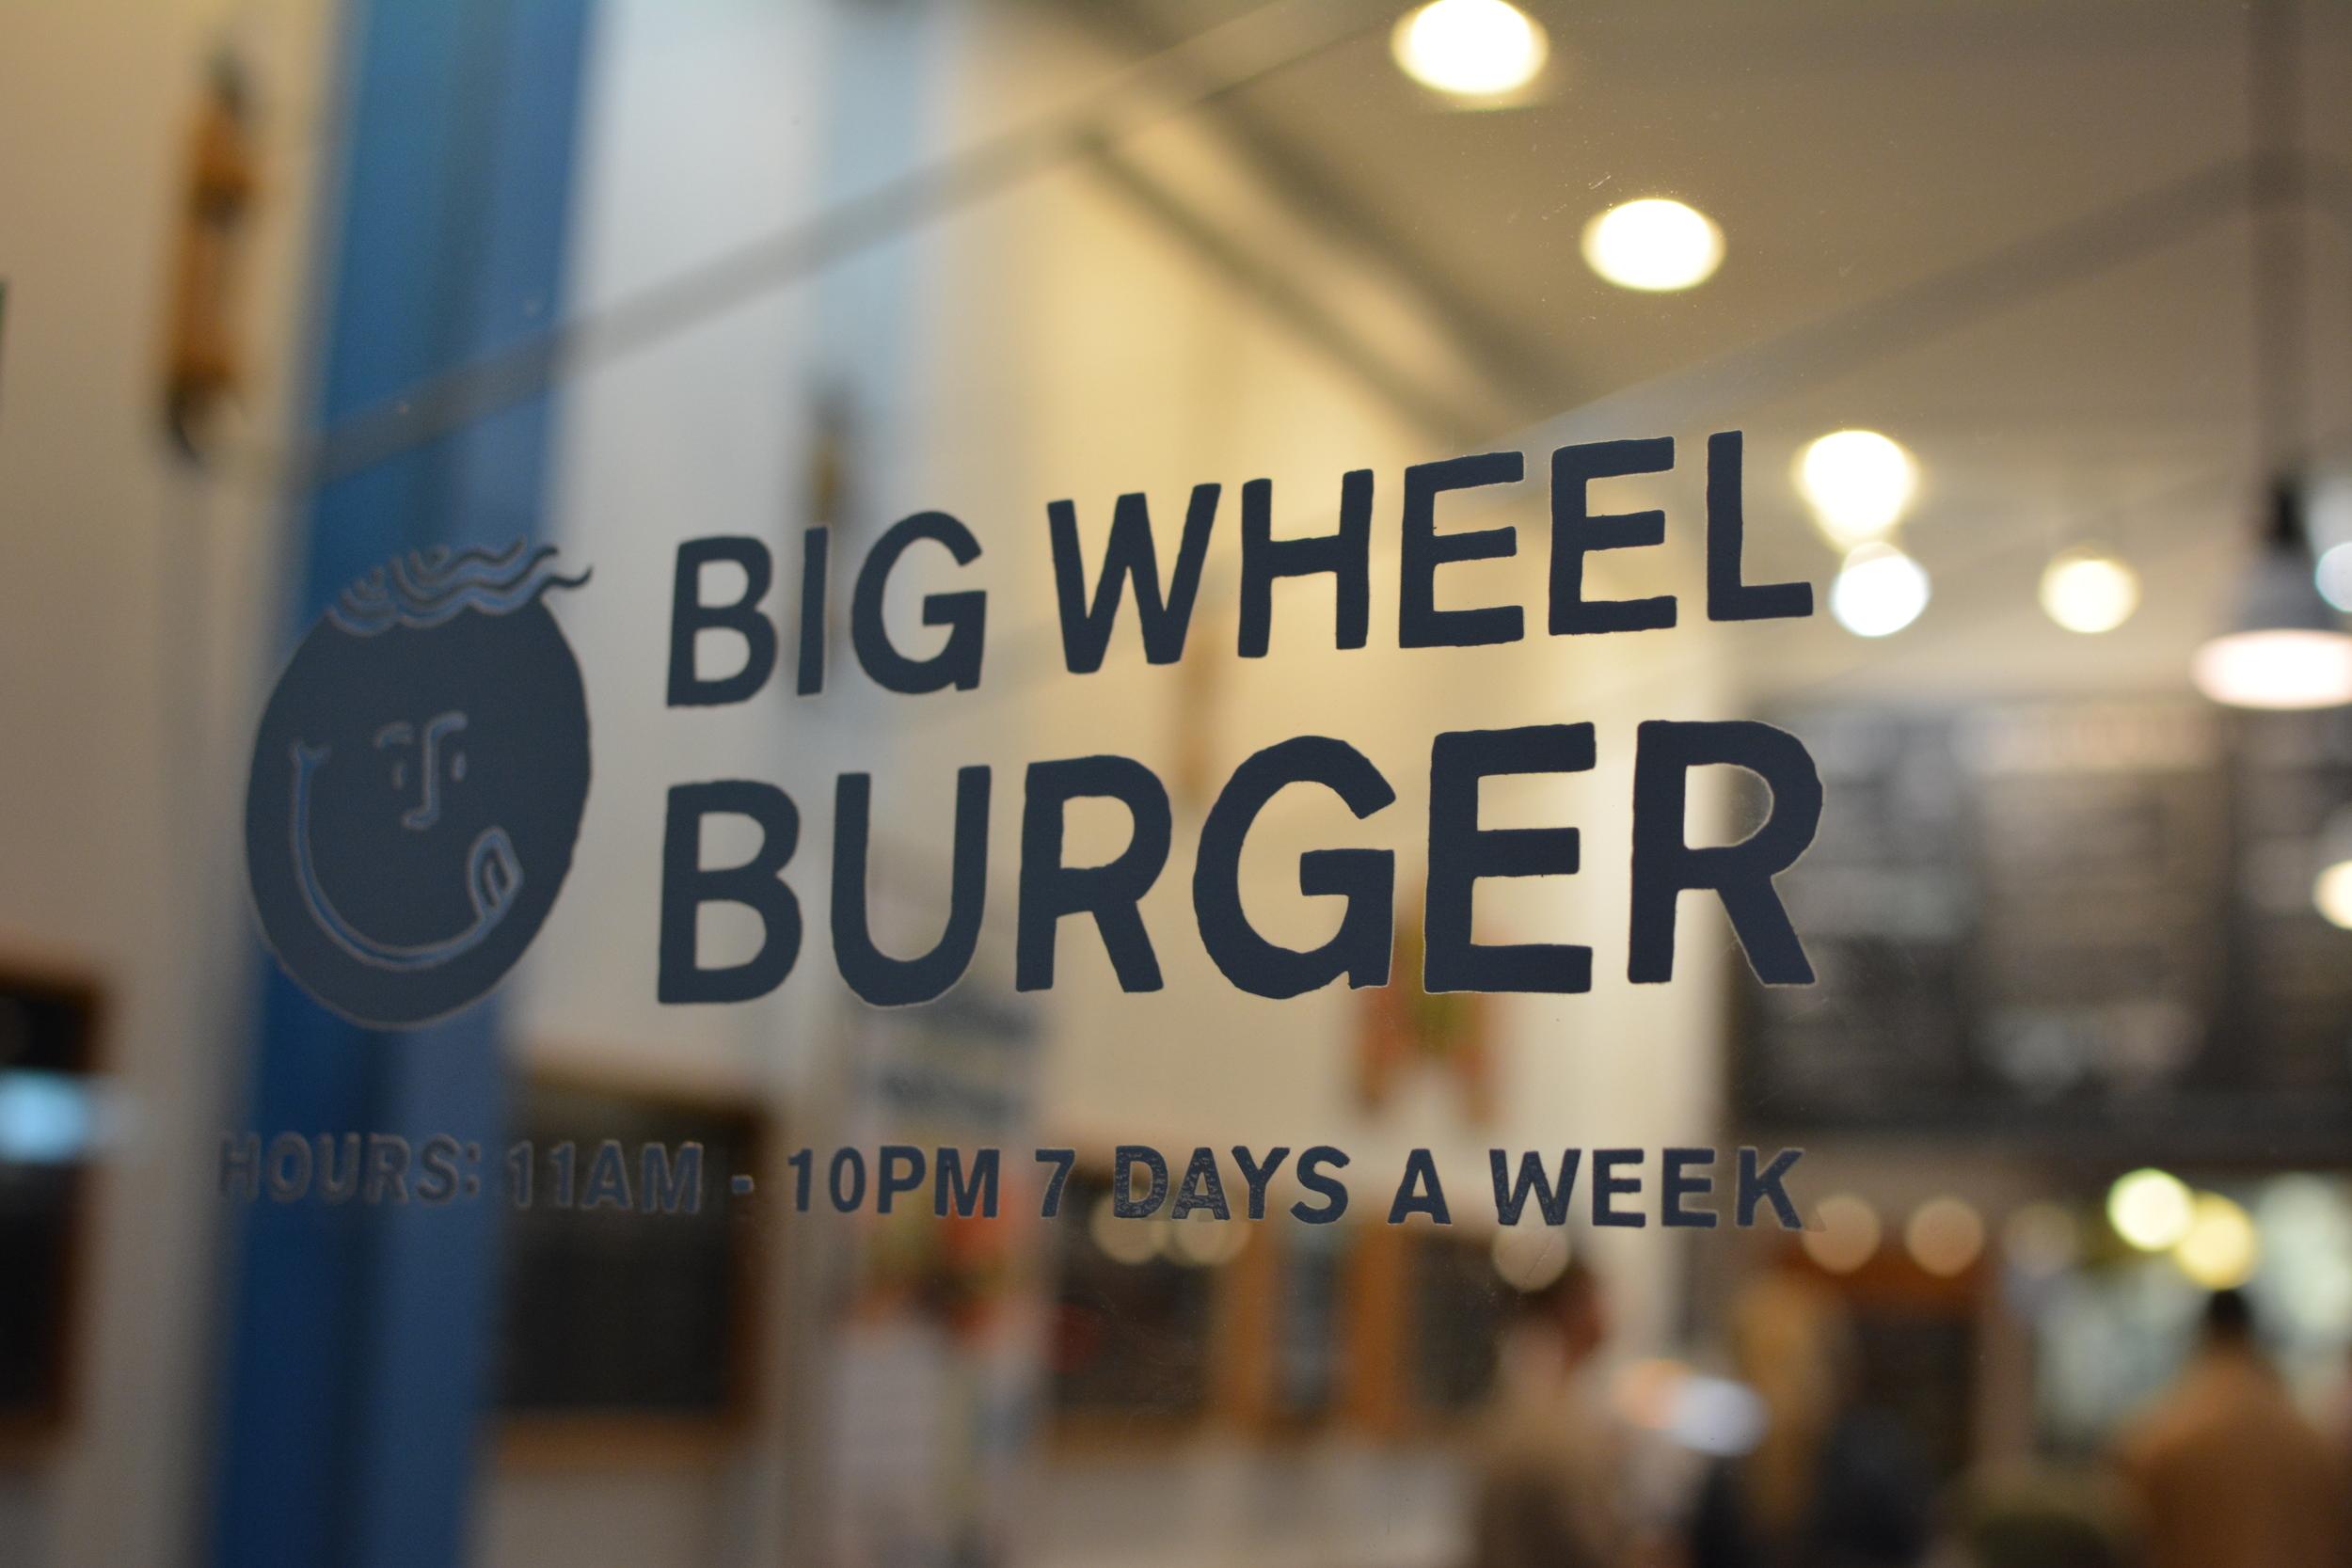 Big Wheel Burger // image by Chantal Ireland